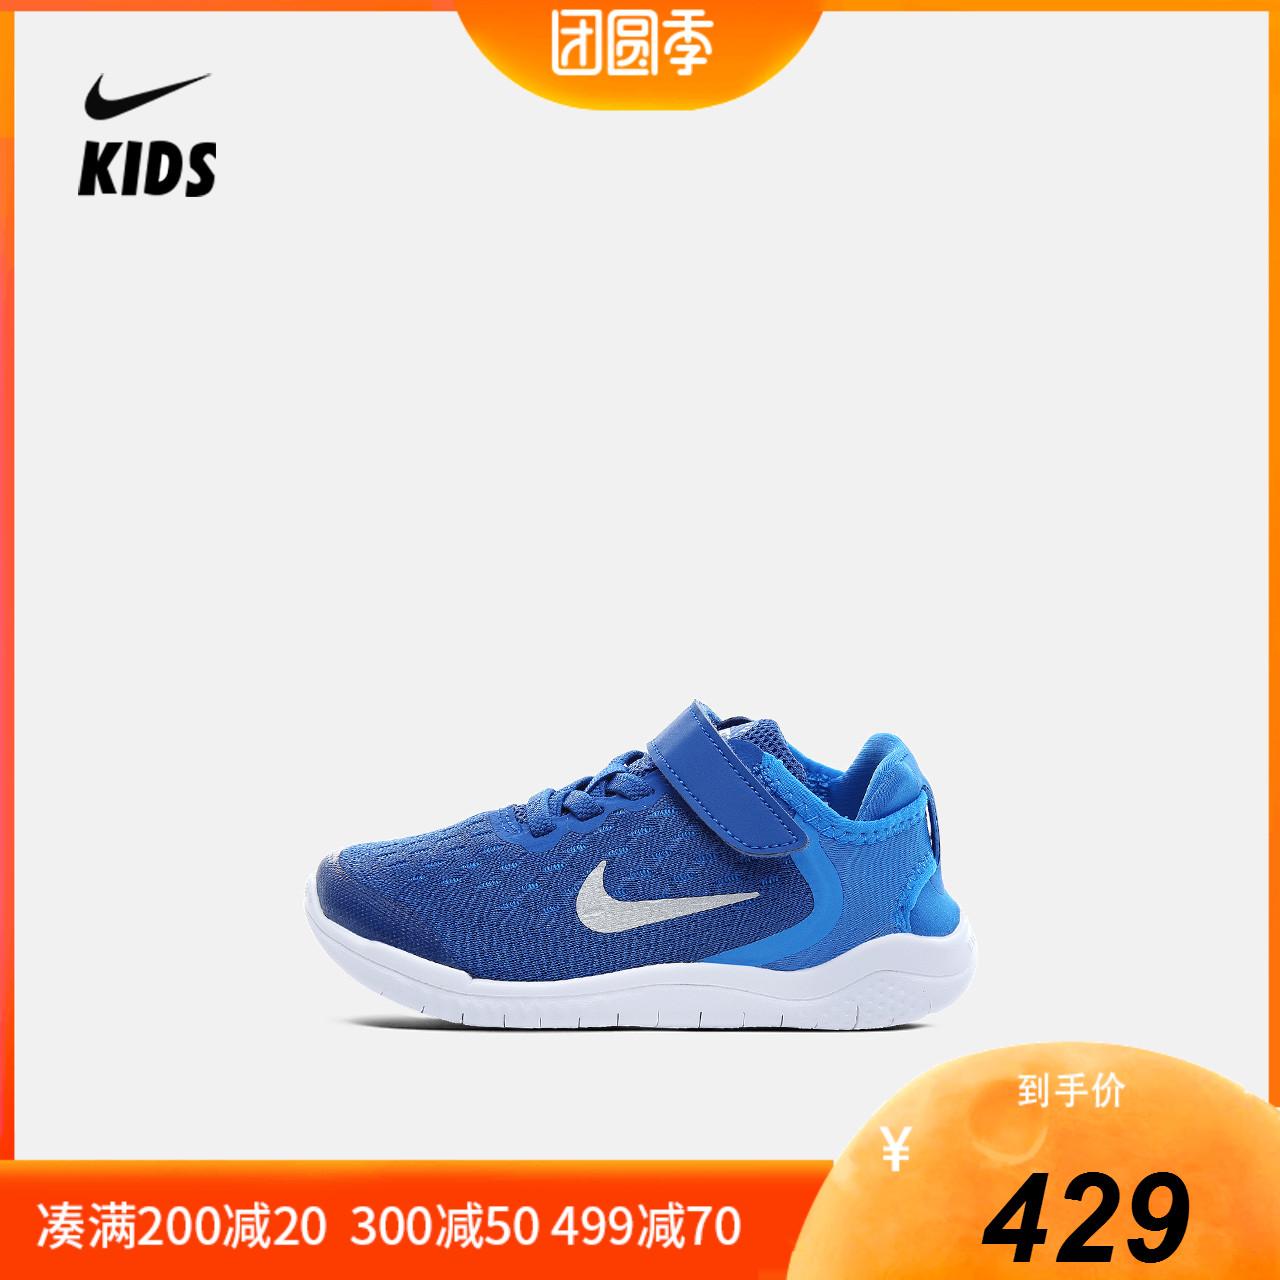 Nike耐克童鞋运动鞋2019春季新款男童中童运动鞋跑步鞋AH3452 003